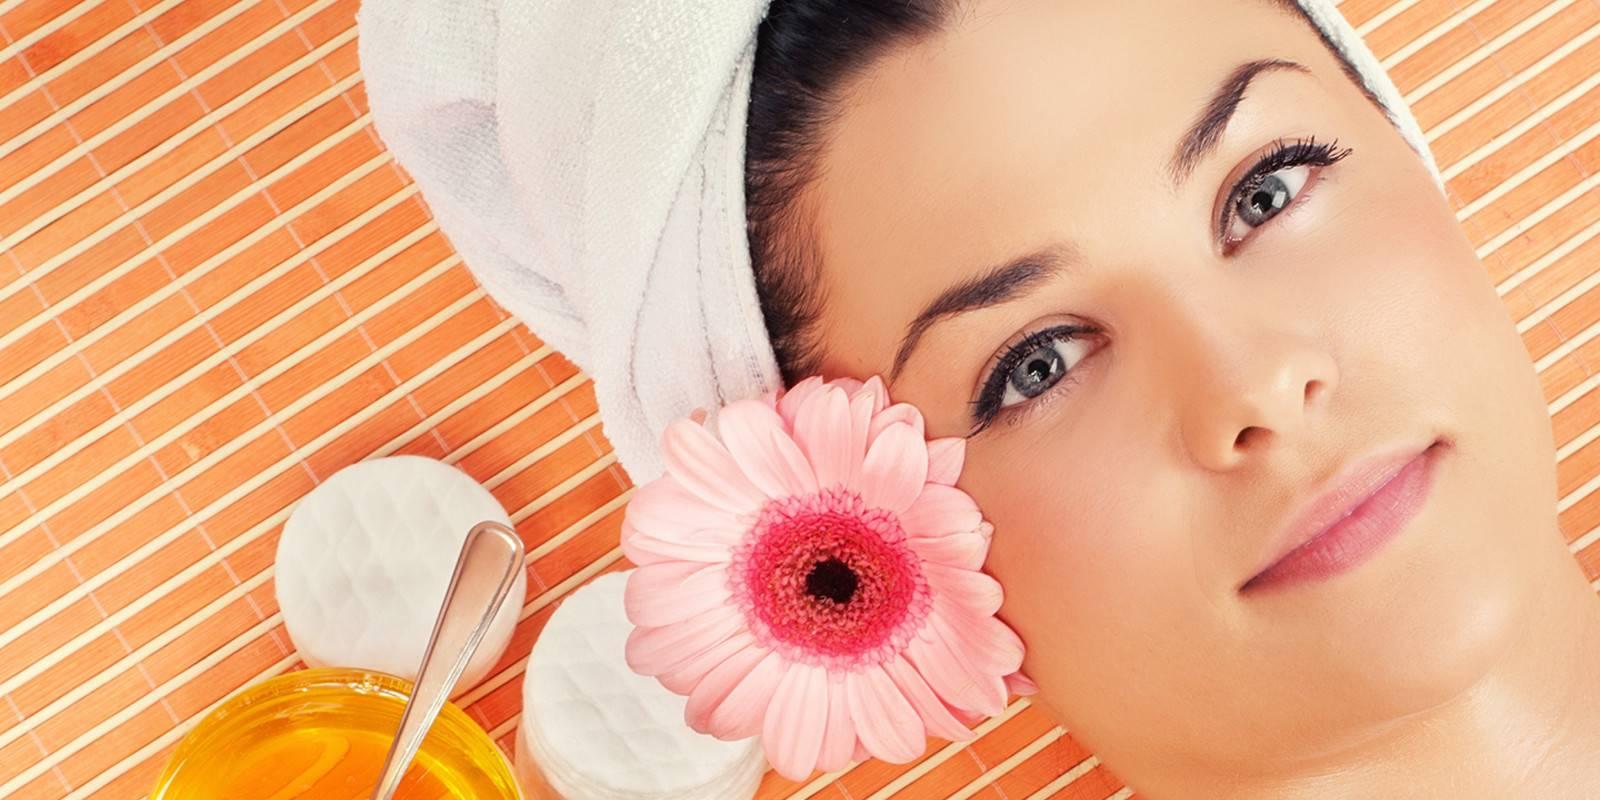 Основы ухода за собой девушки 15-19 лет — как правильно ухаживать за кожей в подростковом возрасте и юности?